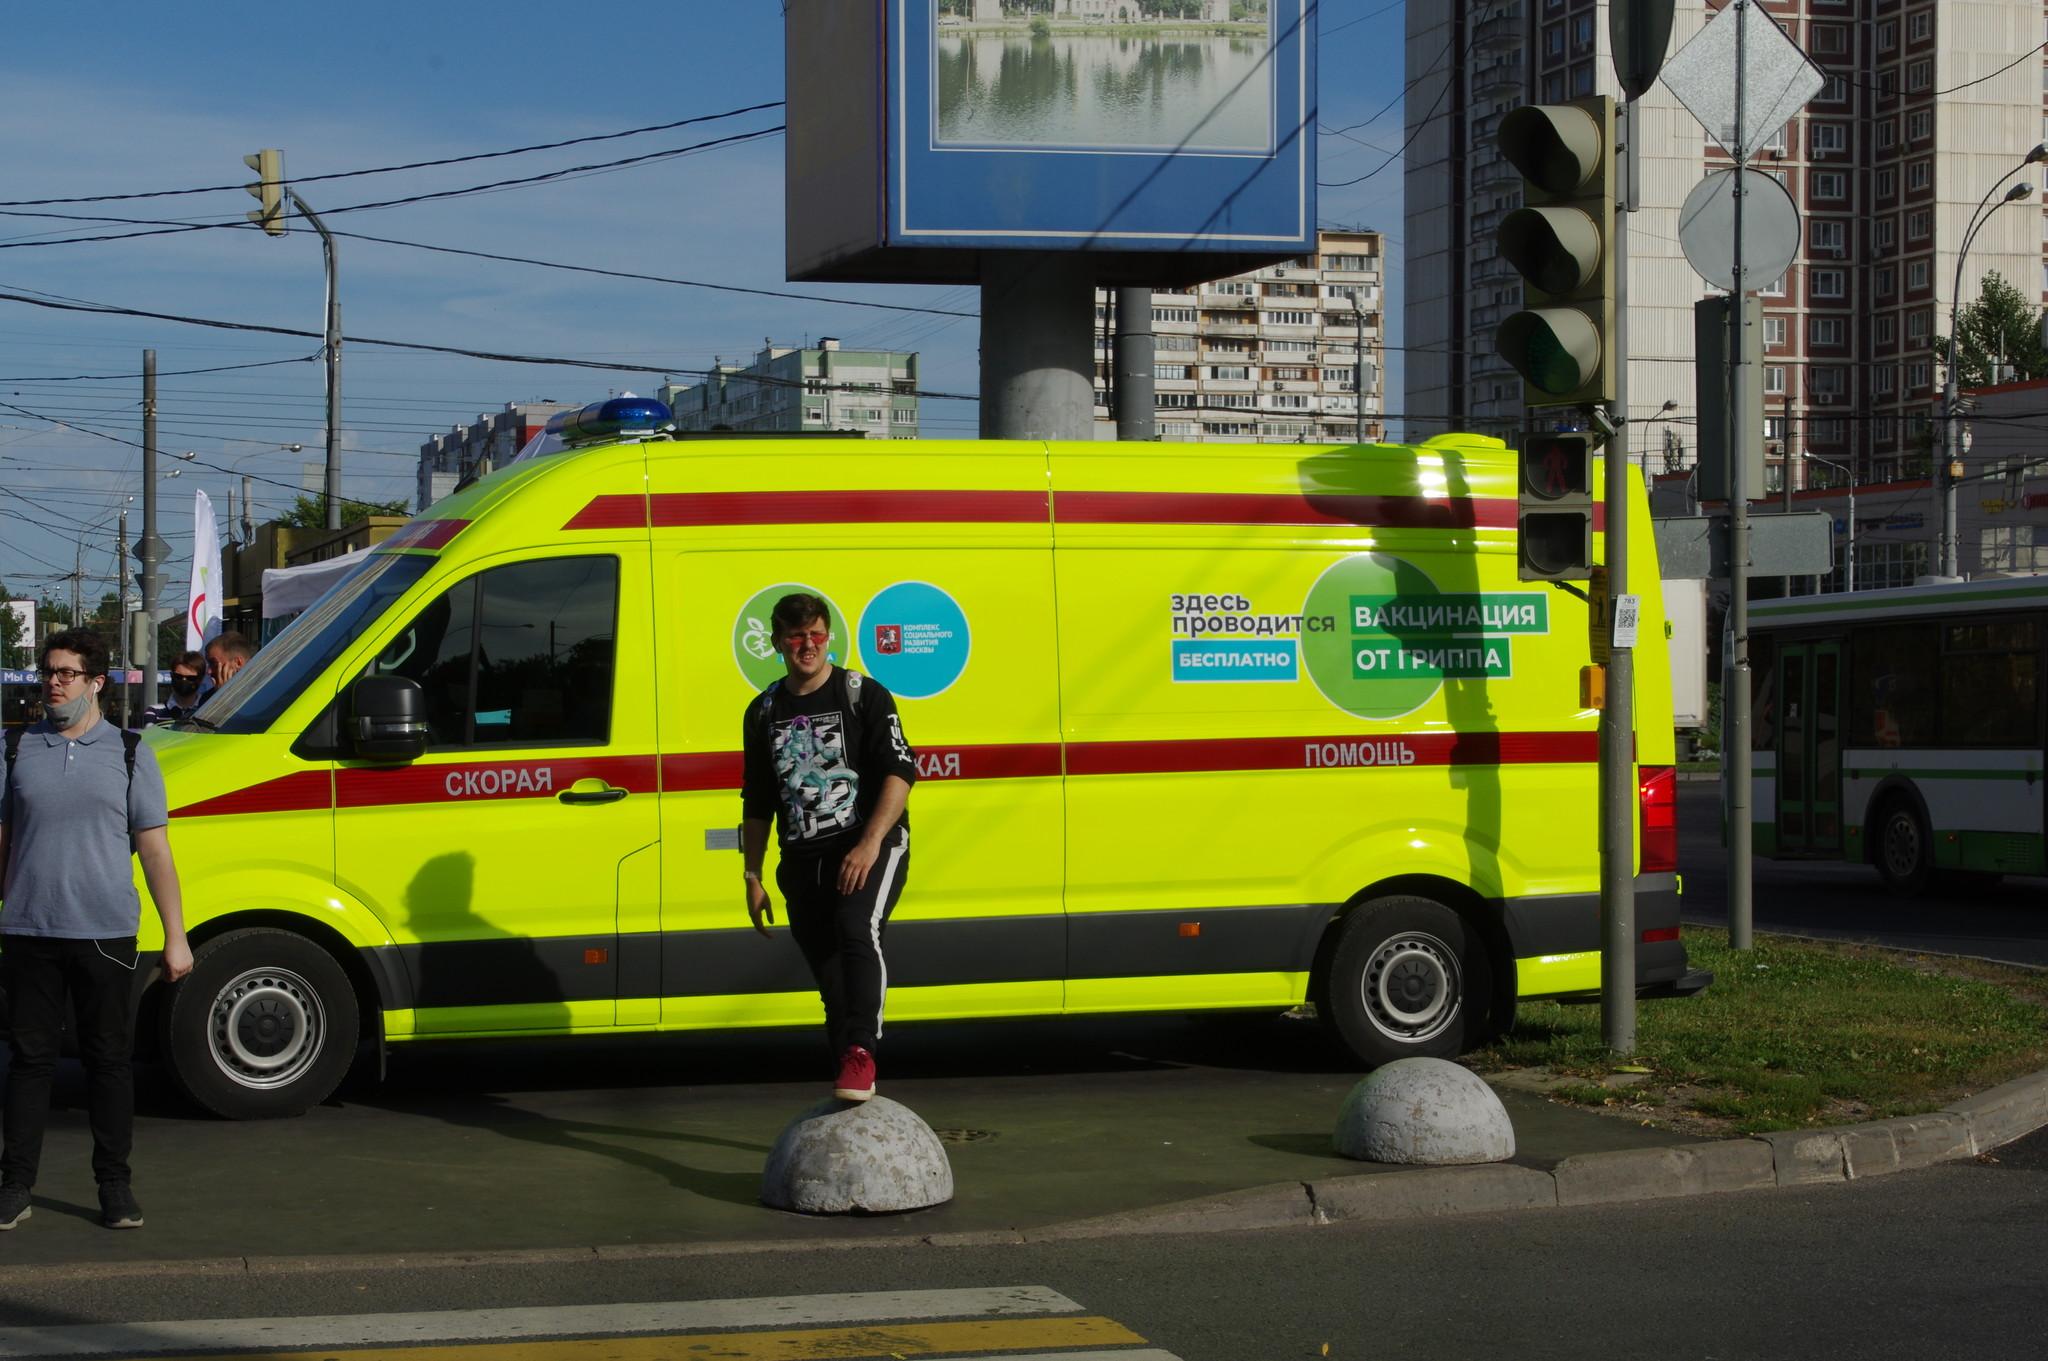 Мобильный пункт вакцинации против гриппа у станции «Алтуфьево» Московского метрополитена